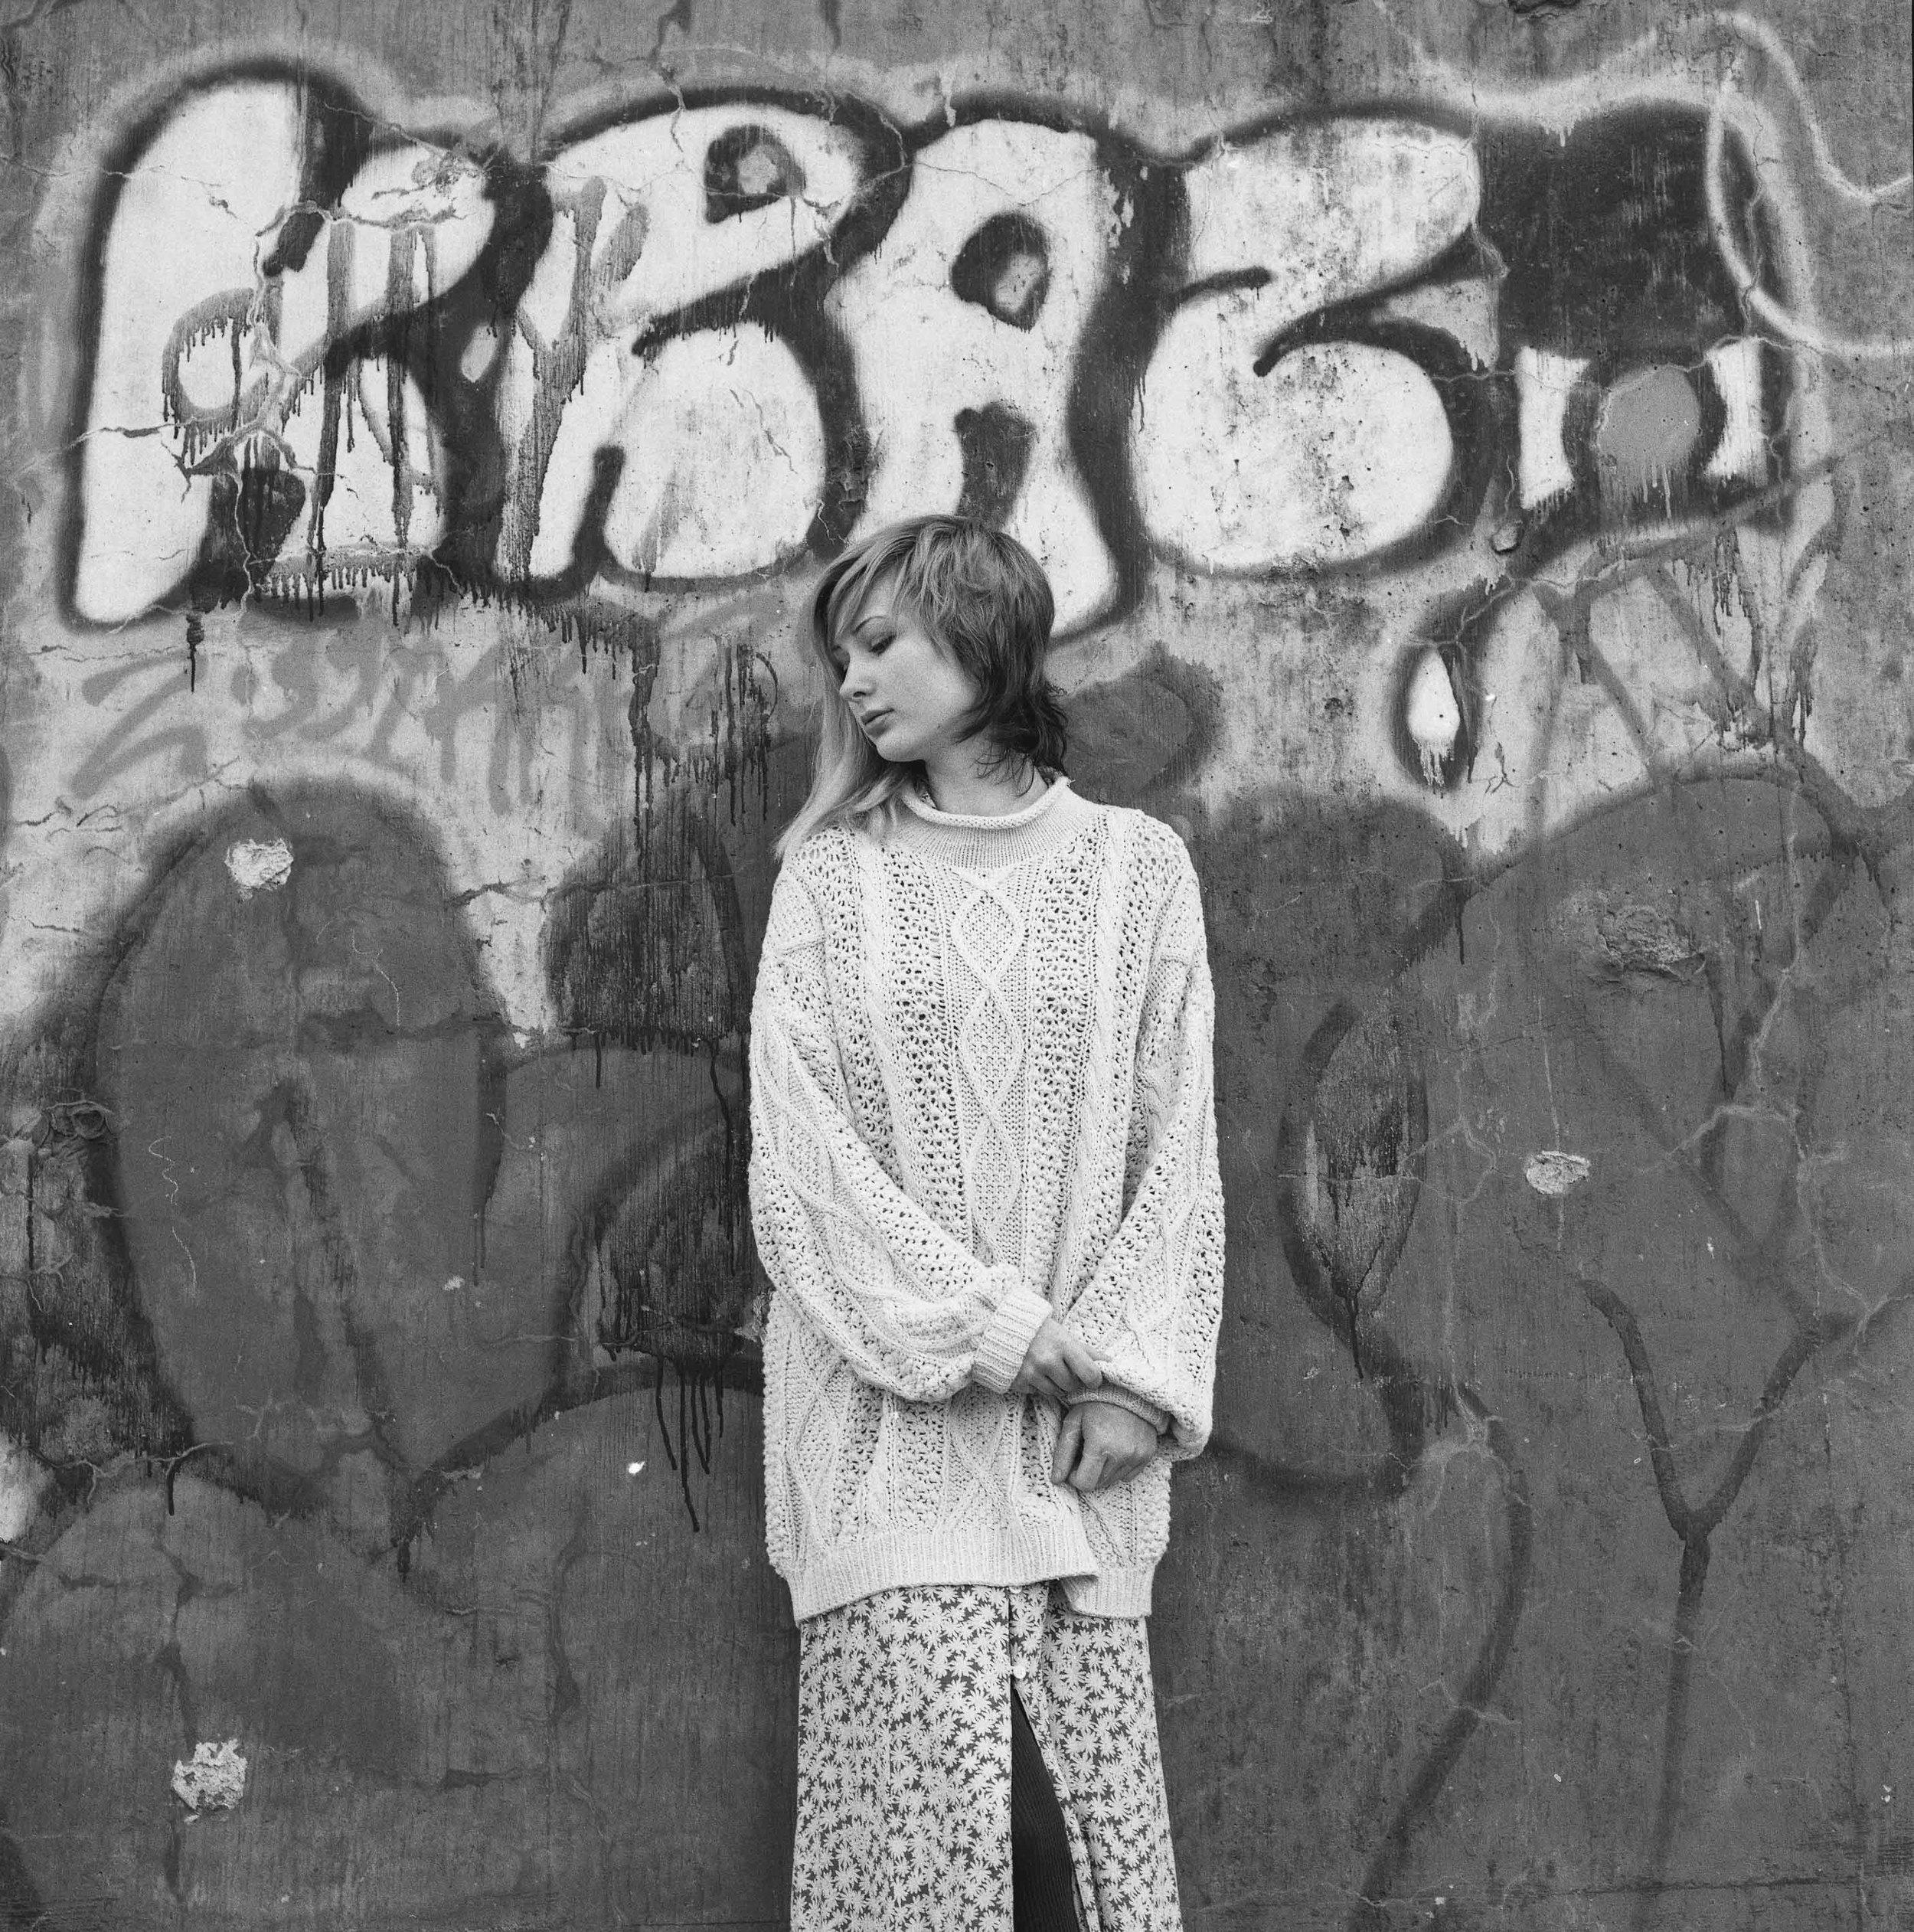 Model: Joy Anna  Cameras used: Hasselblad 501CM  Film:Hp5+ 120 medium format